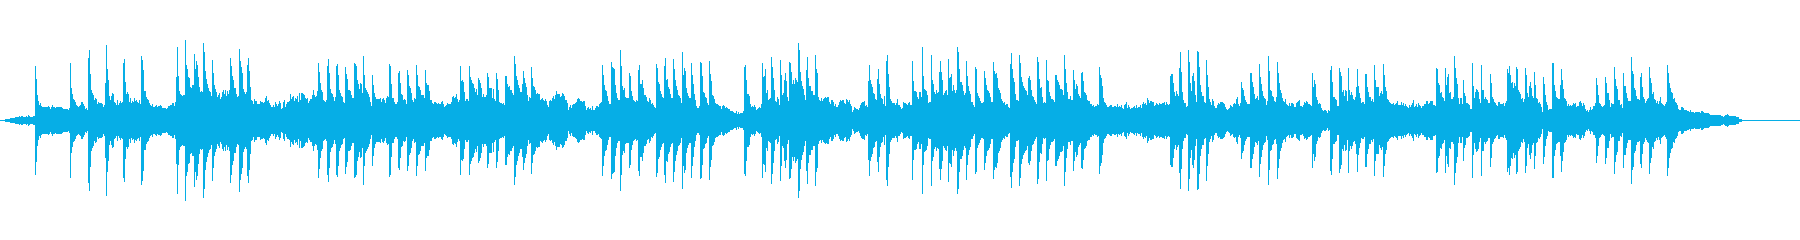 モダンな琴と弦楽器の和風BGMの再生済みの波形